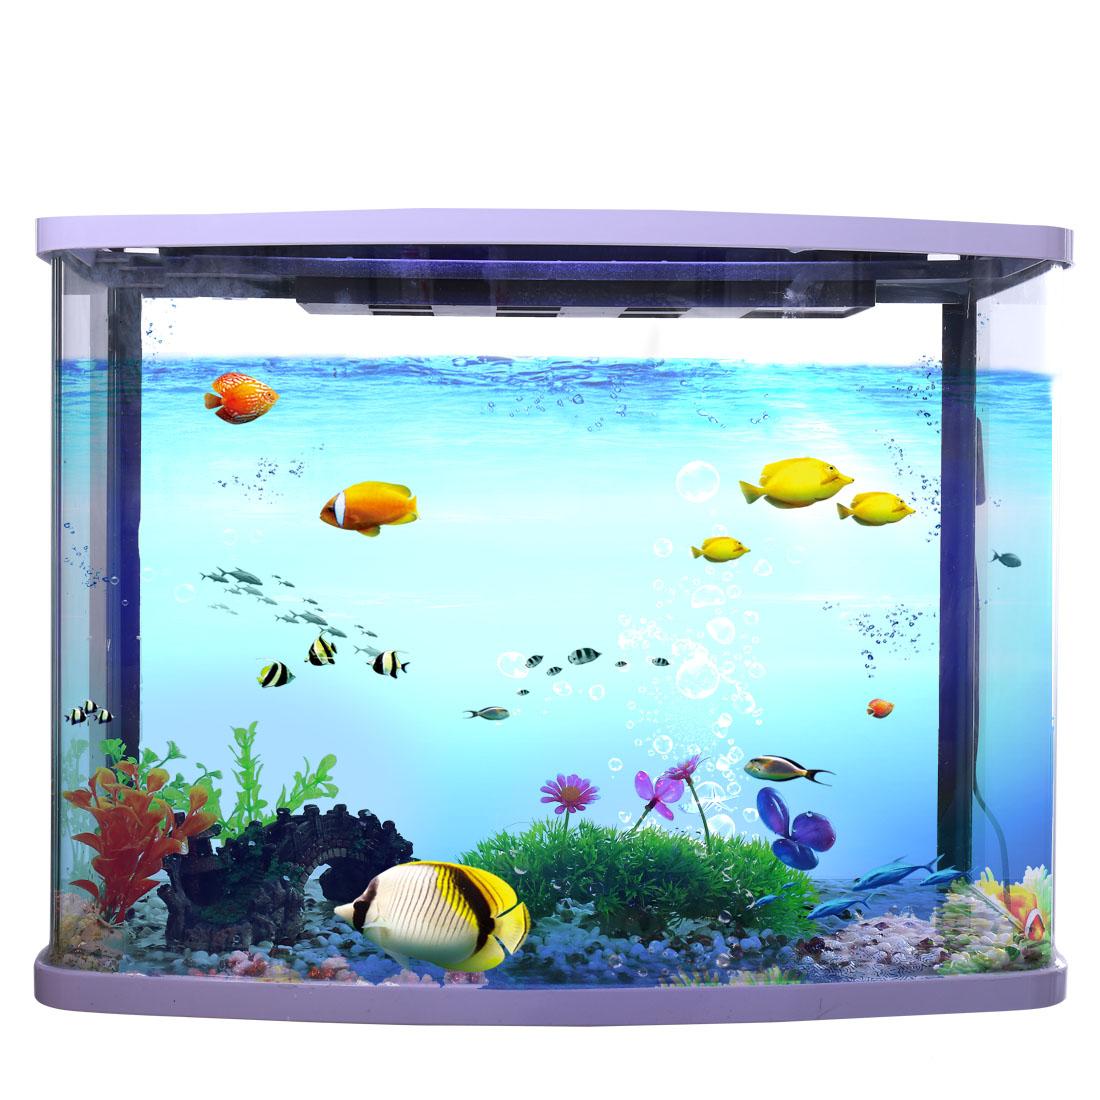 Pelouse verte avec Fleur colorée Plante plastique d'aquarium Ornement d'aquarium 2